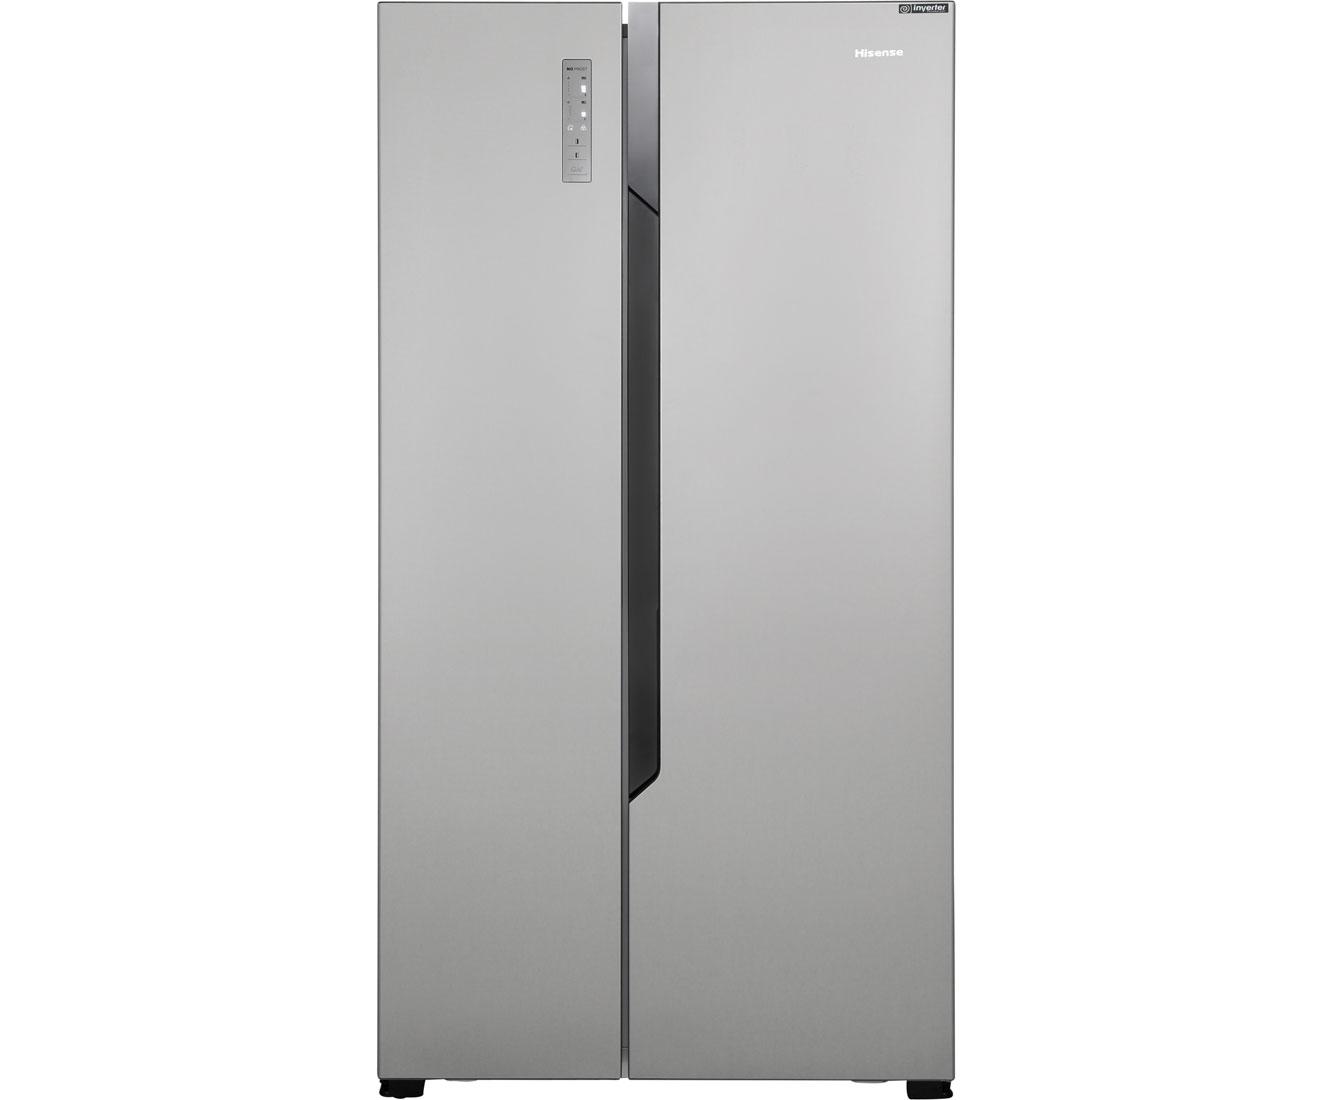 Amerikanischer Kühlschrank Test : Hisense rs n bc amerikanischer side by side l edelstahl